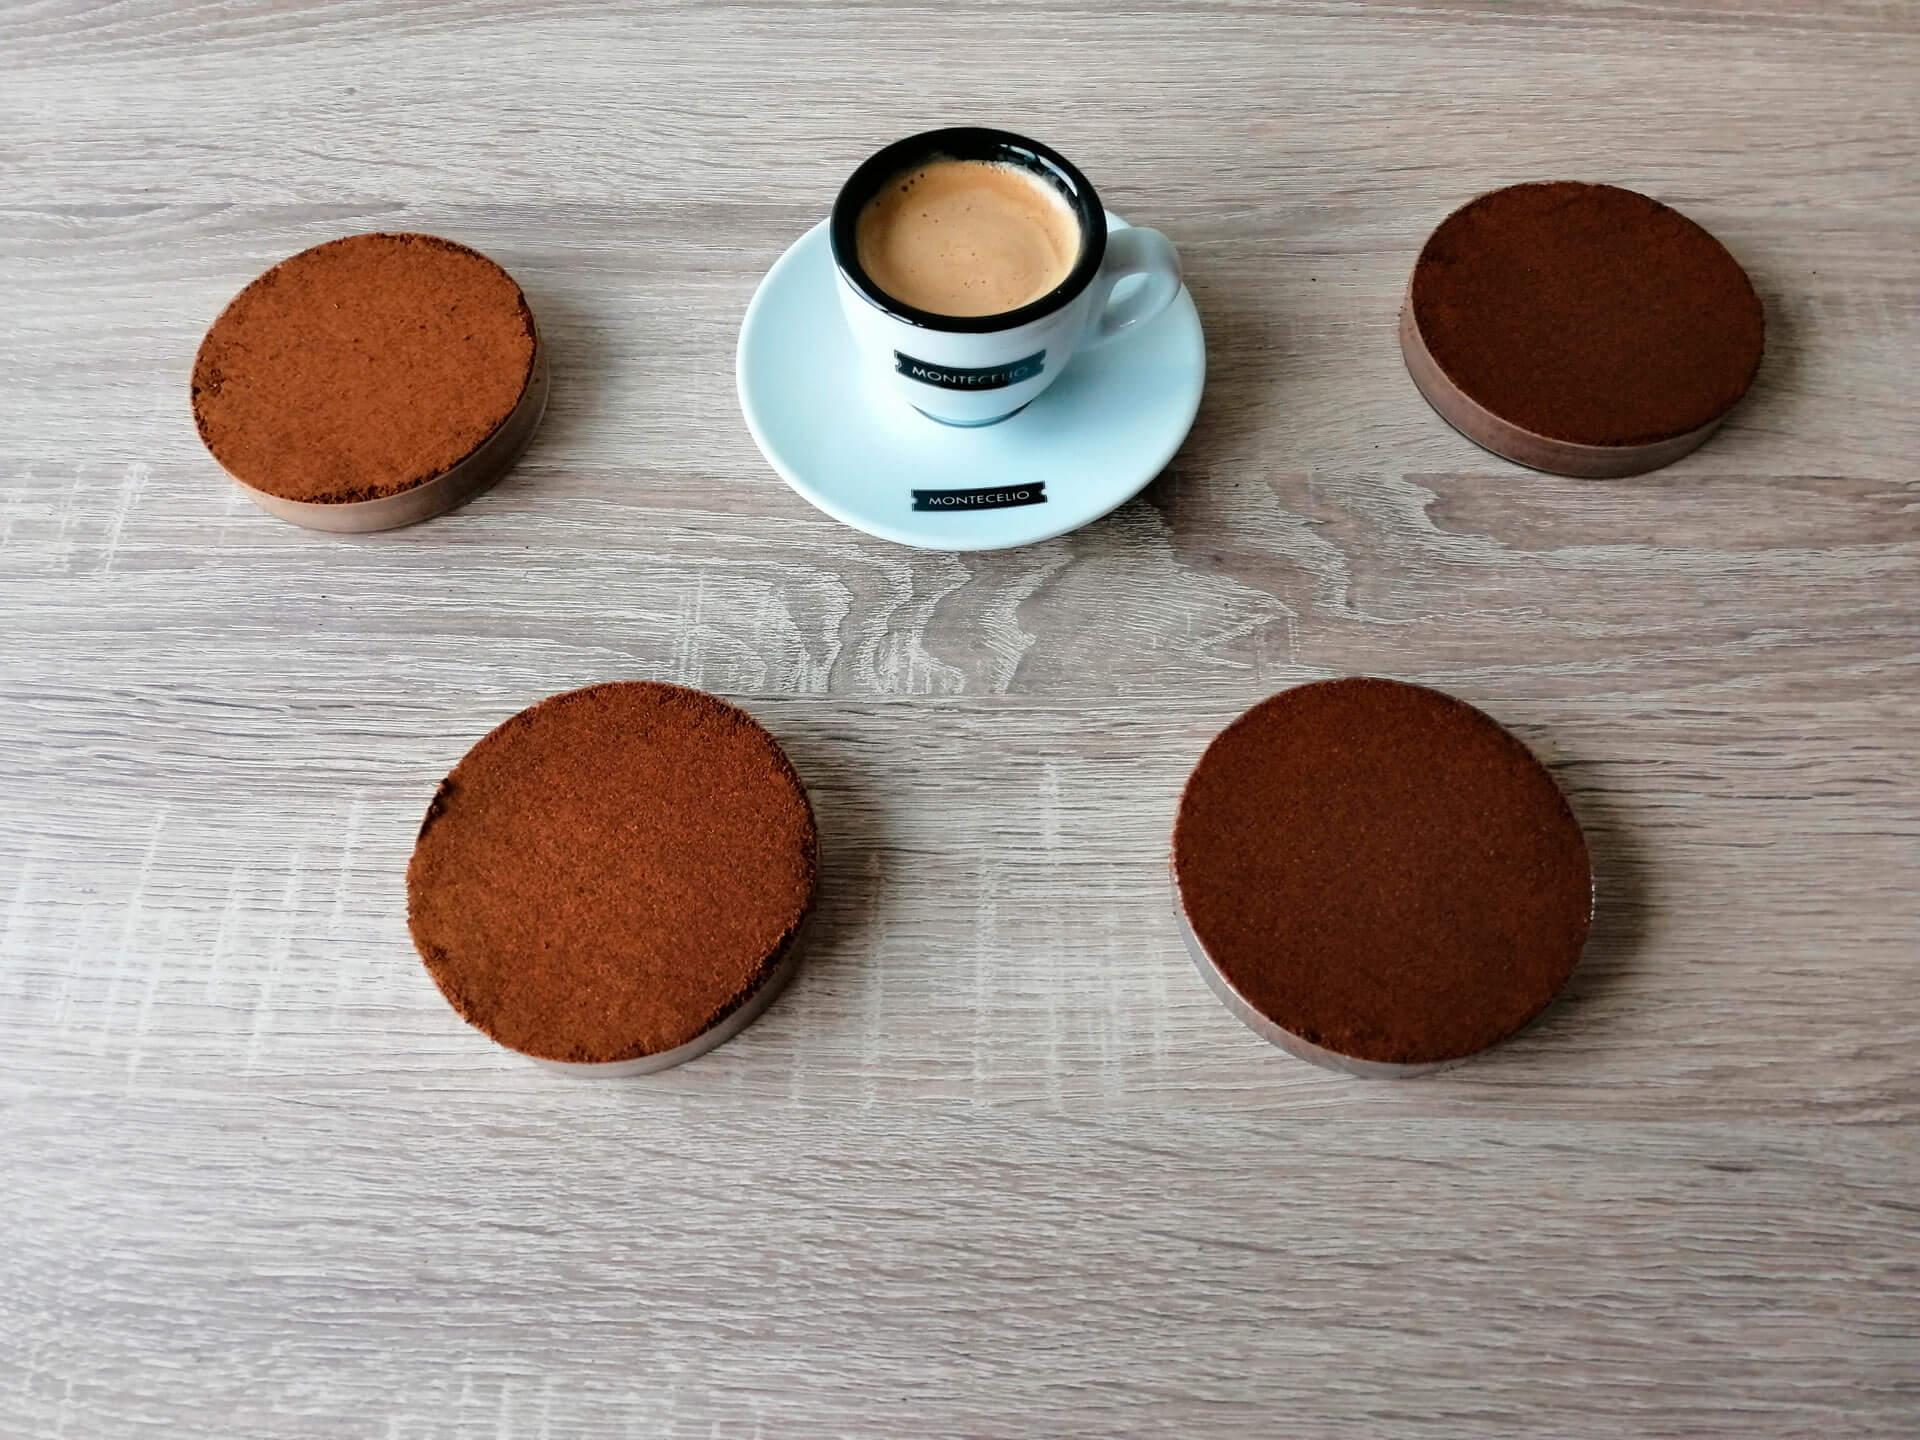 ¿Es importante medir el color del tueste del café?